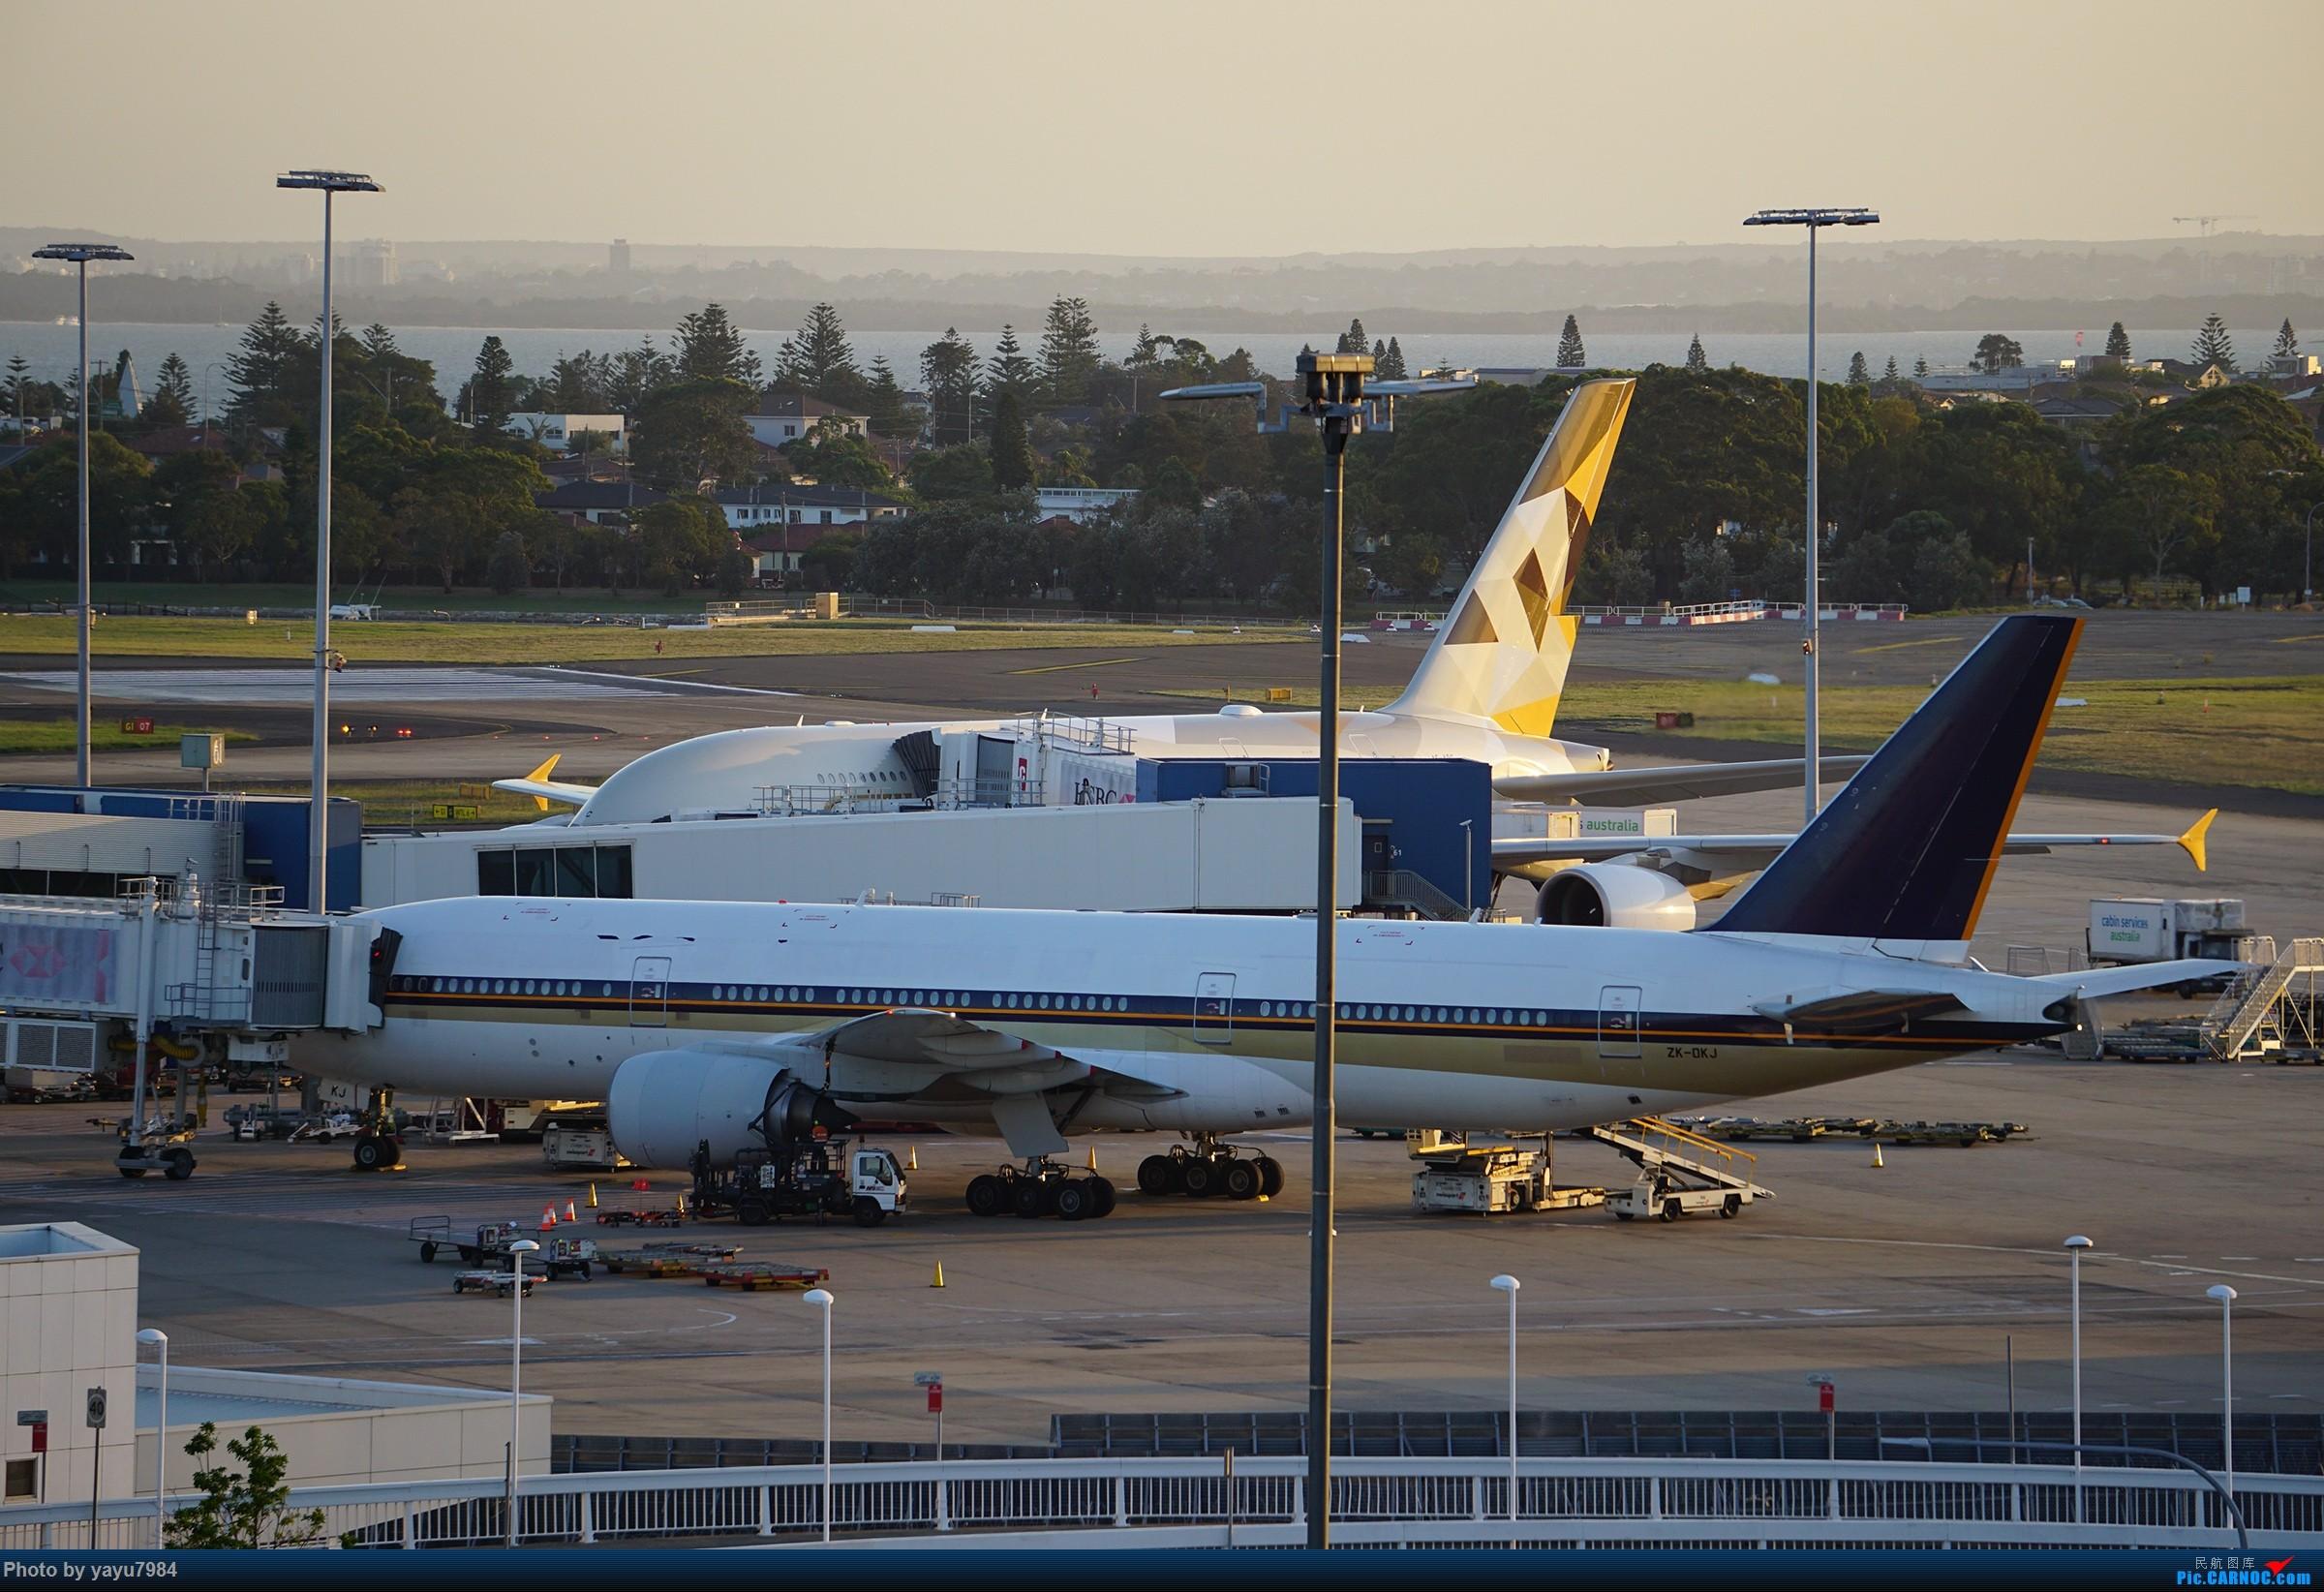 Re:[原创][SYD] 2019首拍,停车楼视角 BOEING 777-212(ER) ZK-OKJ 澳大利亚悉尼金斯福德·史密斯机场